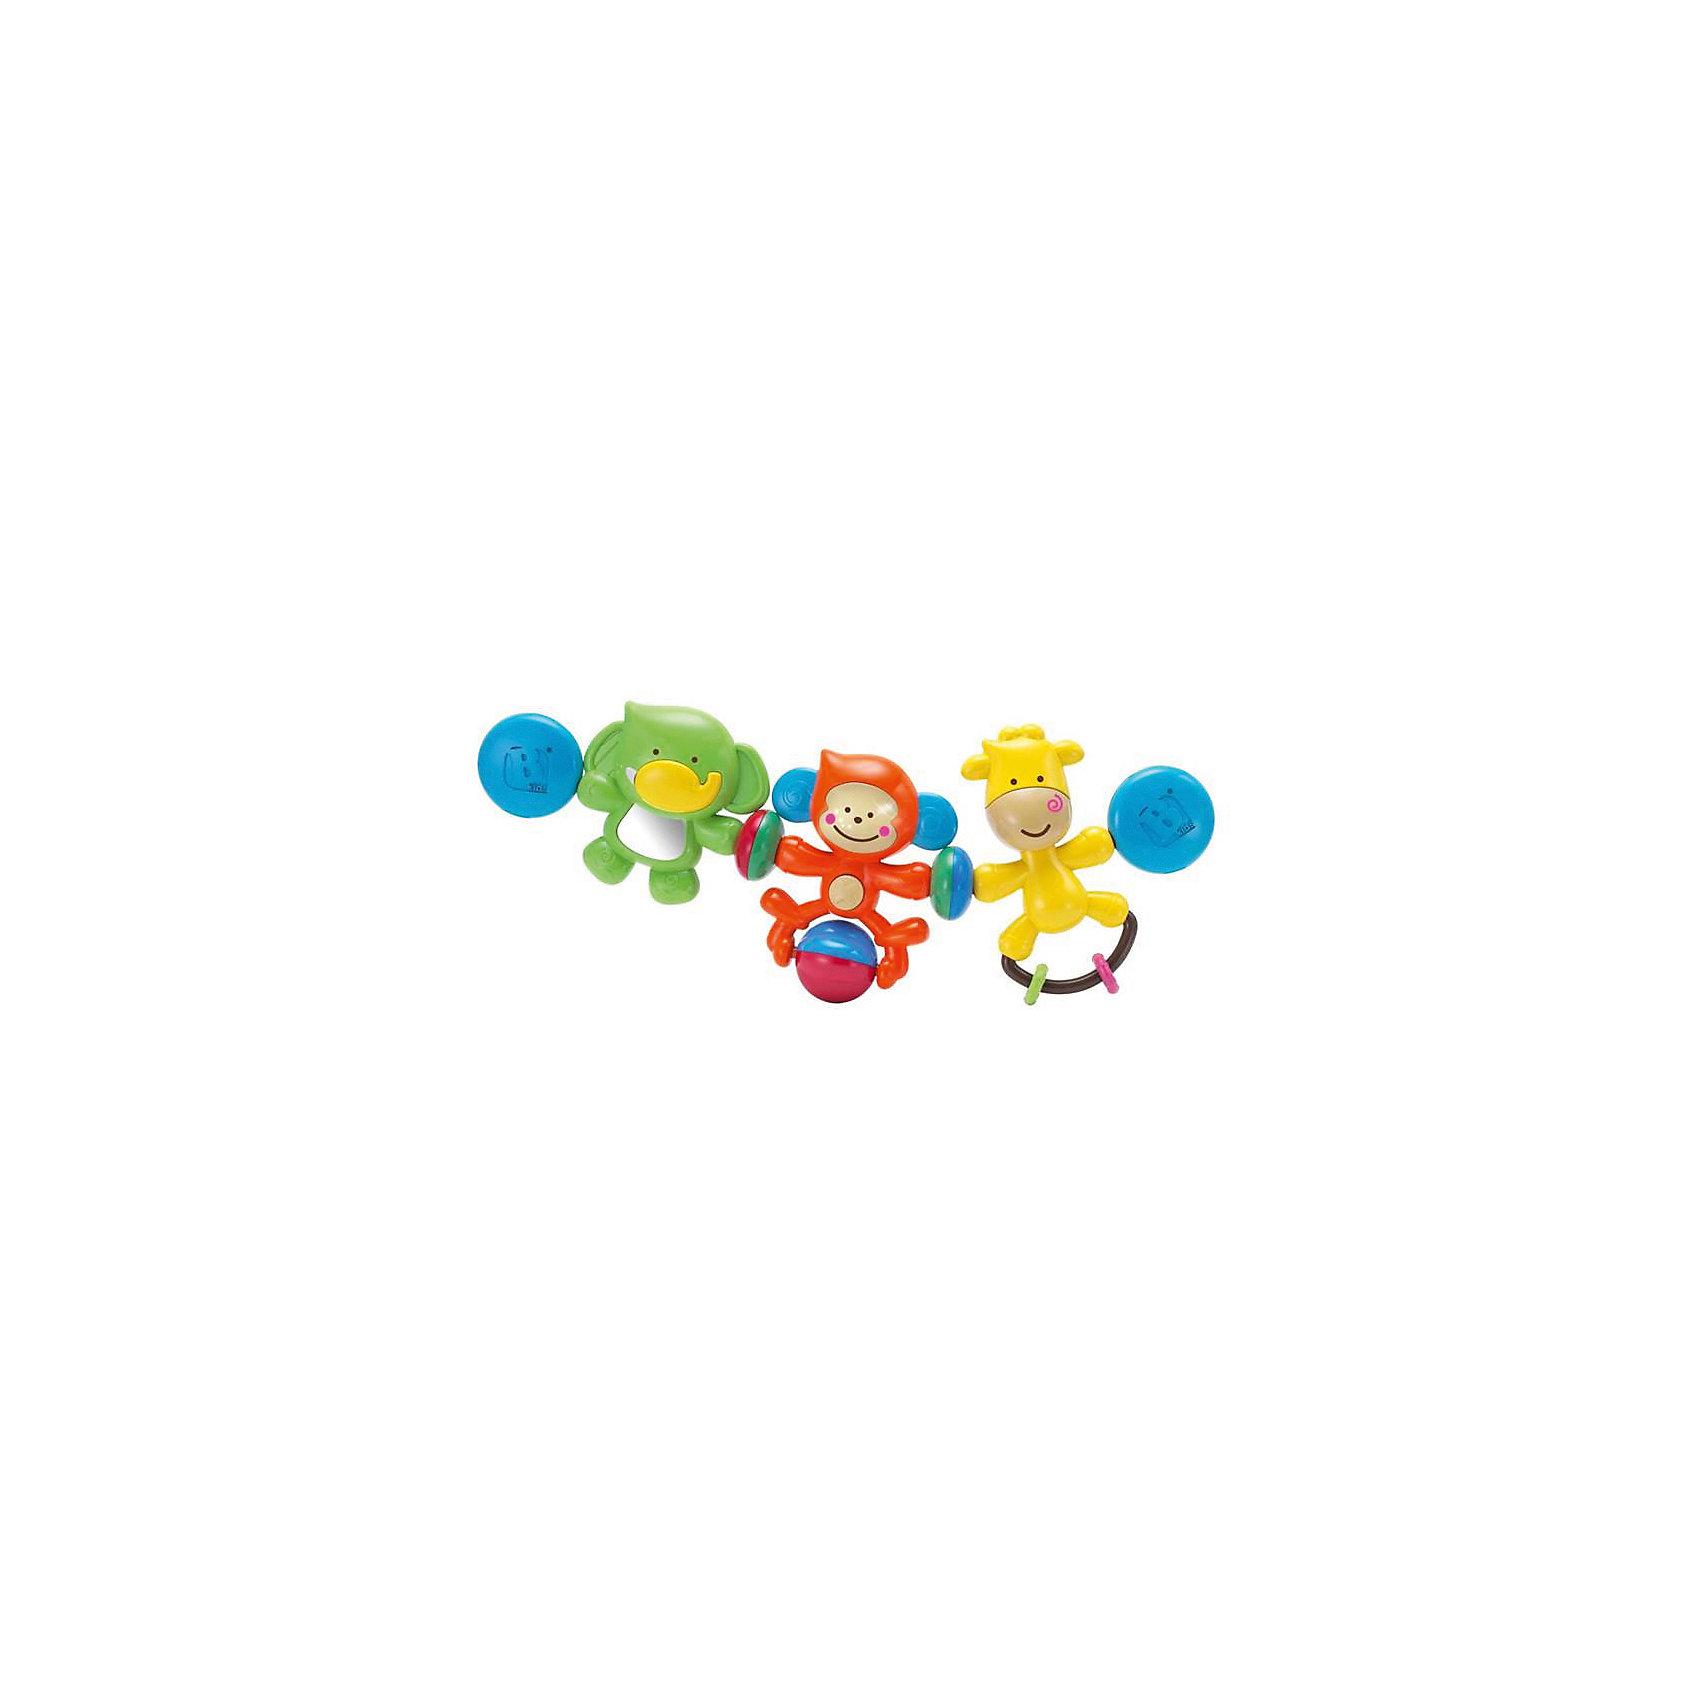 Подвеска Веселые друзья, BKidsИгрушки для малышей<br>Малыши стремятся познавать всё новое - делать это можно с самого раннего возраста. Играя, малыш всесторонне изучает мир и осваивает новые навыки. Эта игрушка представляет собой подвеску - она играет мелодии и снабжена световыми эффектами.<br>Такие игрушки способствуют развитию мелкой моторики, воображения, цвето- и звуковосприятия, тактильных ощущений и обучению. Изделие разработано специально для самых маленьких. Сделано из материалов, безопасных для детей.<br><br>Дополнительная информация:<br><br>цвет: разноцветный;<br>размер упаковки: 33 х 6 х 20 см;<br>возраст: с рождения.<br><br>Подвеску Веселые друзья от бренда BKids можно купить в нашем интернет-магазине.<br><br>Ширина мм: 63<br>Глубина мм: 63<br>Высота мм: 203<br>Вес г: 316<br>Возраст от месяцев: 0<br>Возраст до месяцев: 36<br>Пол: Унисекс<br>Возраст: Детский<br>SKU: 5055379